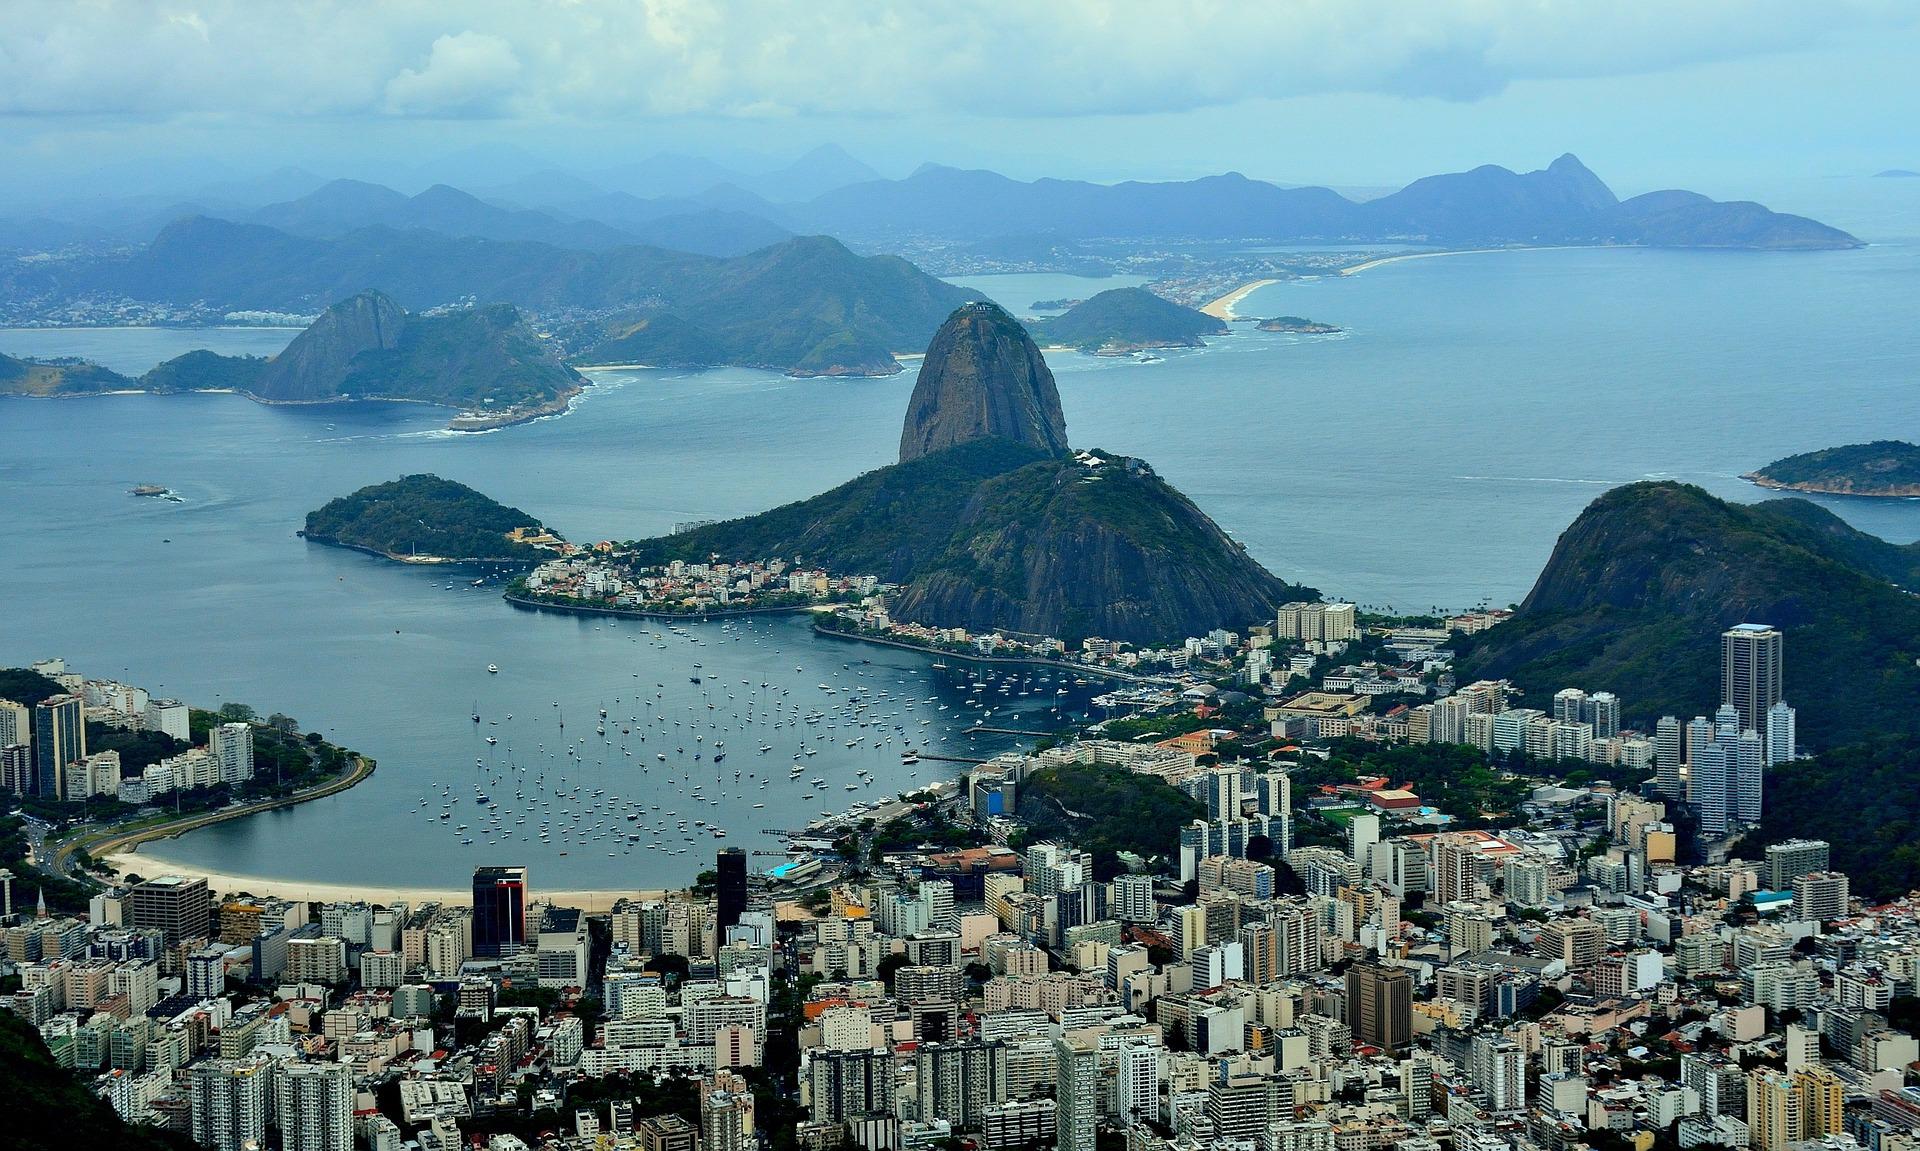 Στο Ρίο ντε Τζανέιρο, την Τετάρτη, έγινε η απονομή του Μεταλλίου «Φιλντς»…